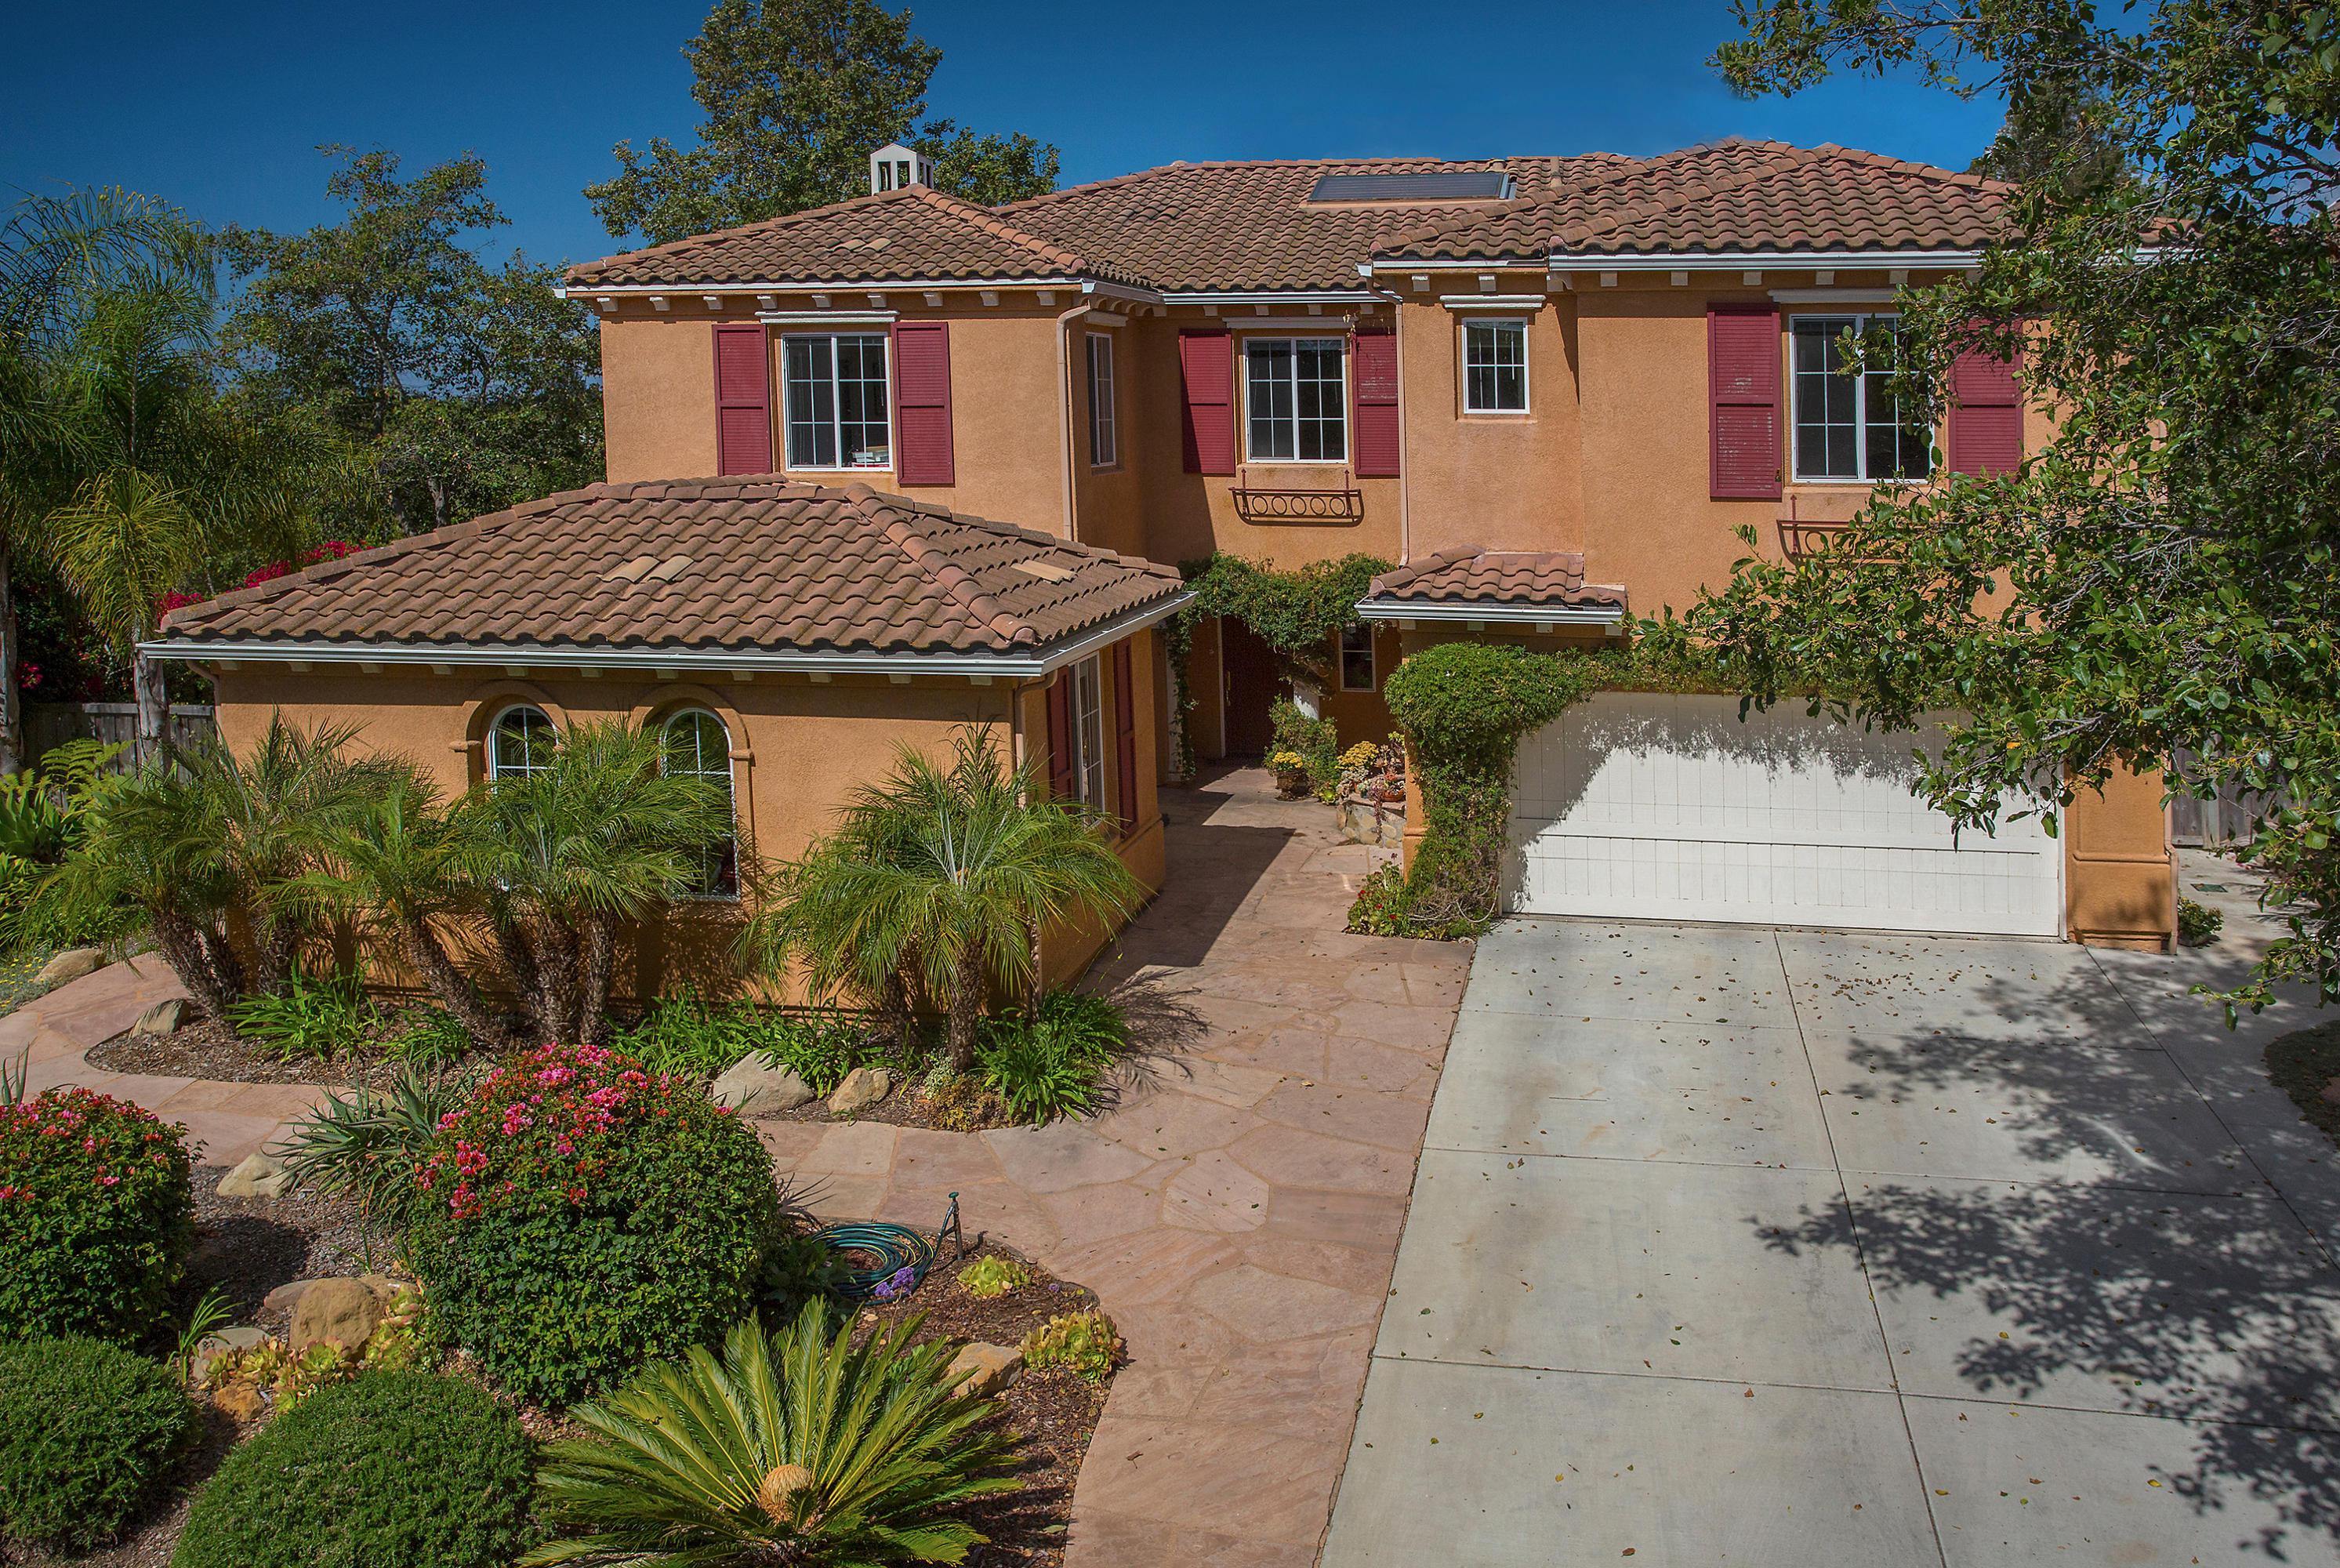 Property photo for 279 King James Ct Goleta, California 93117 - 14-1661